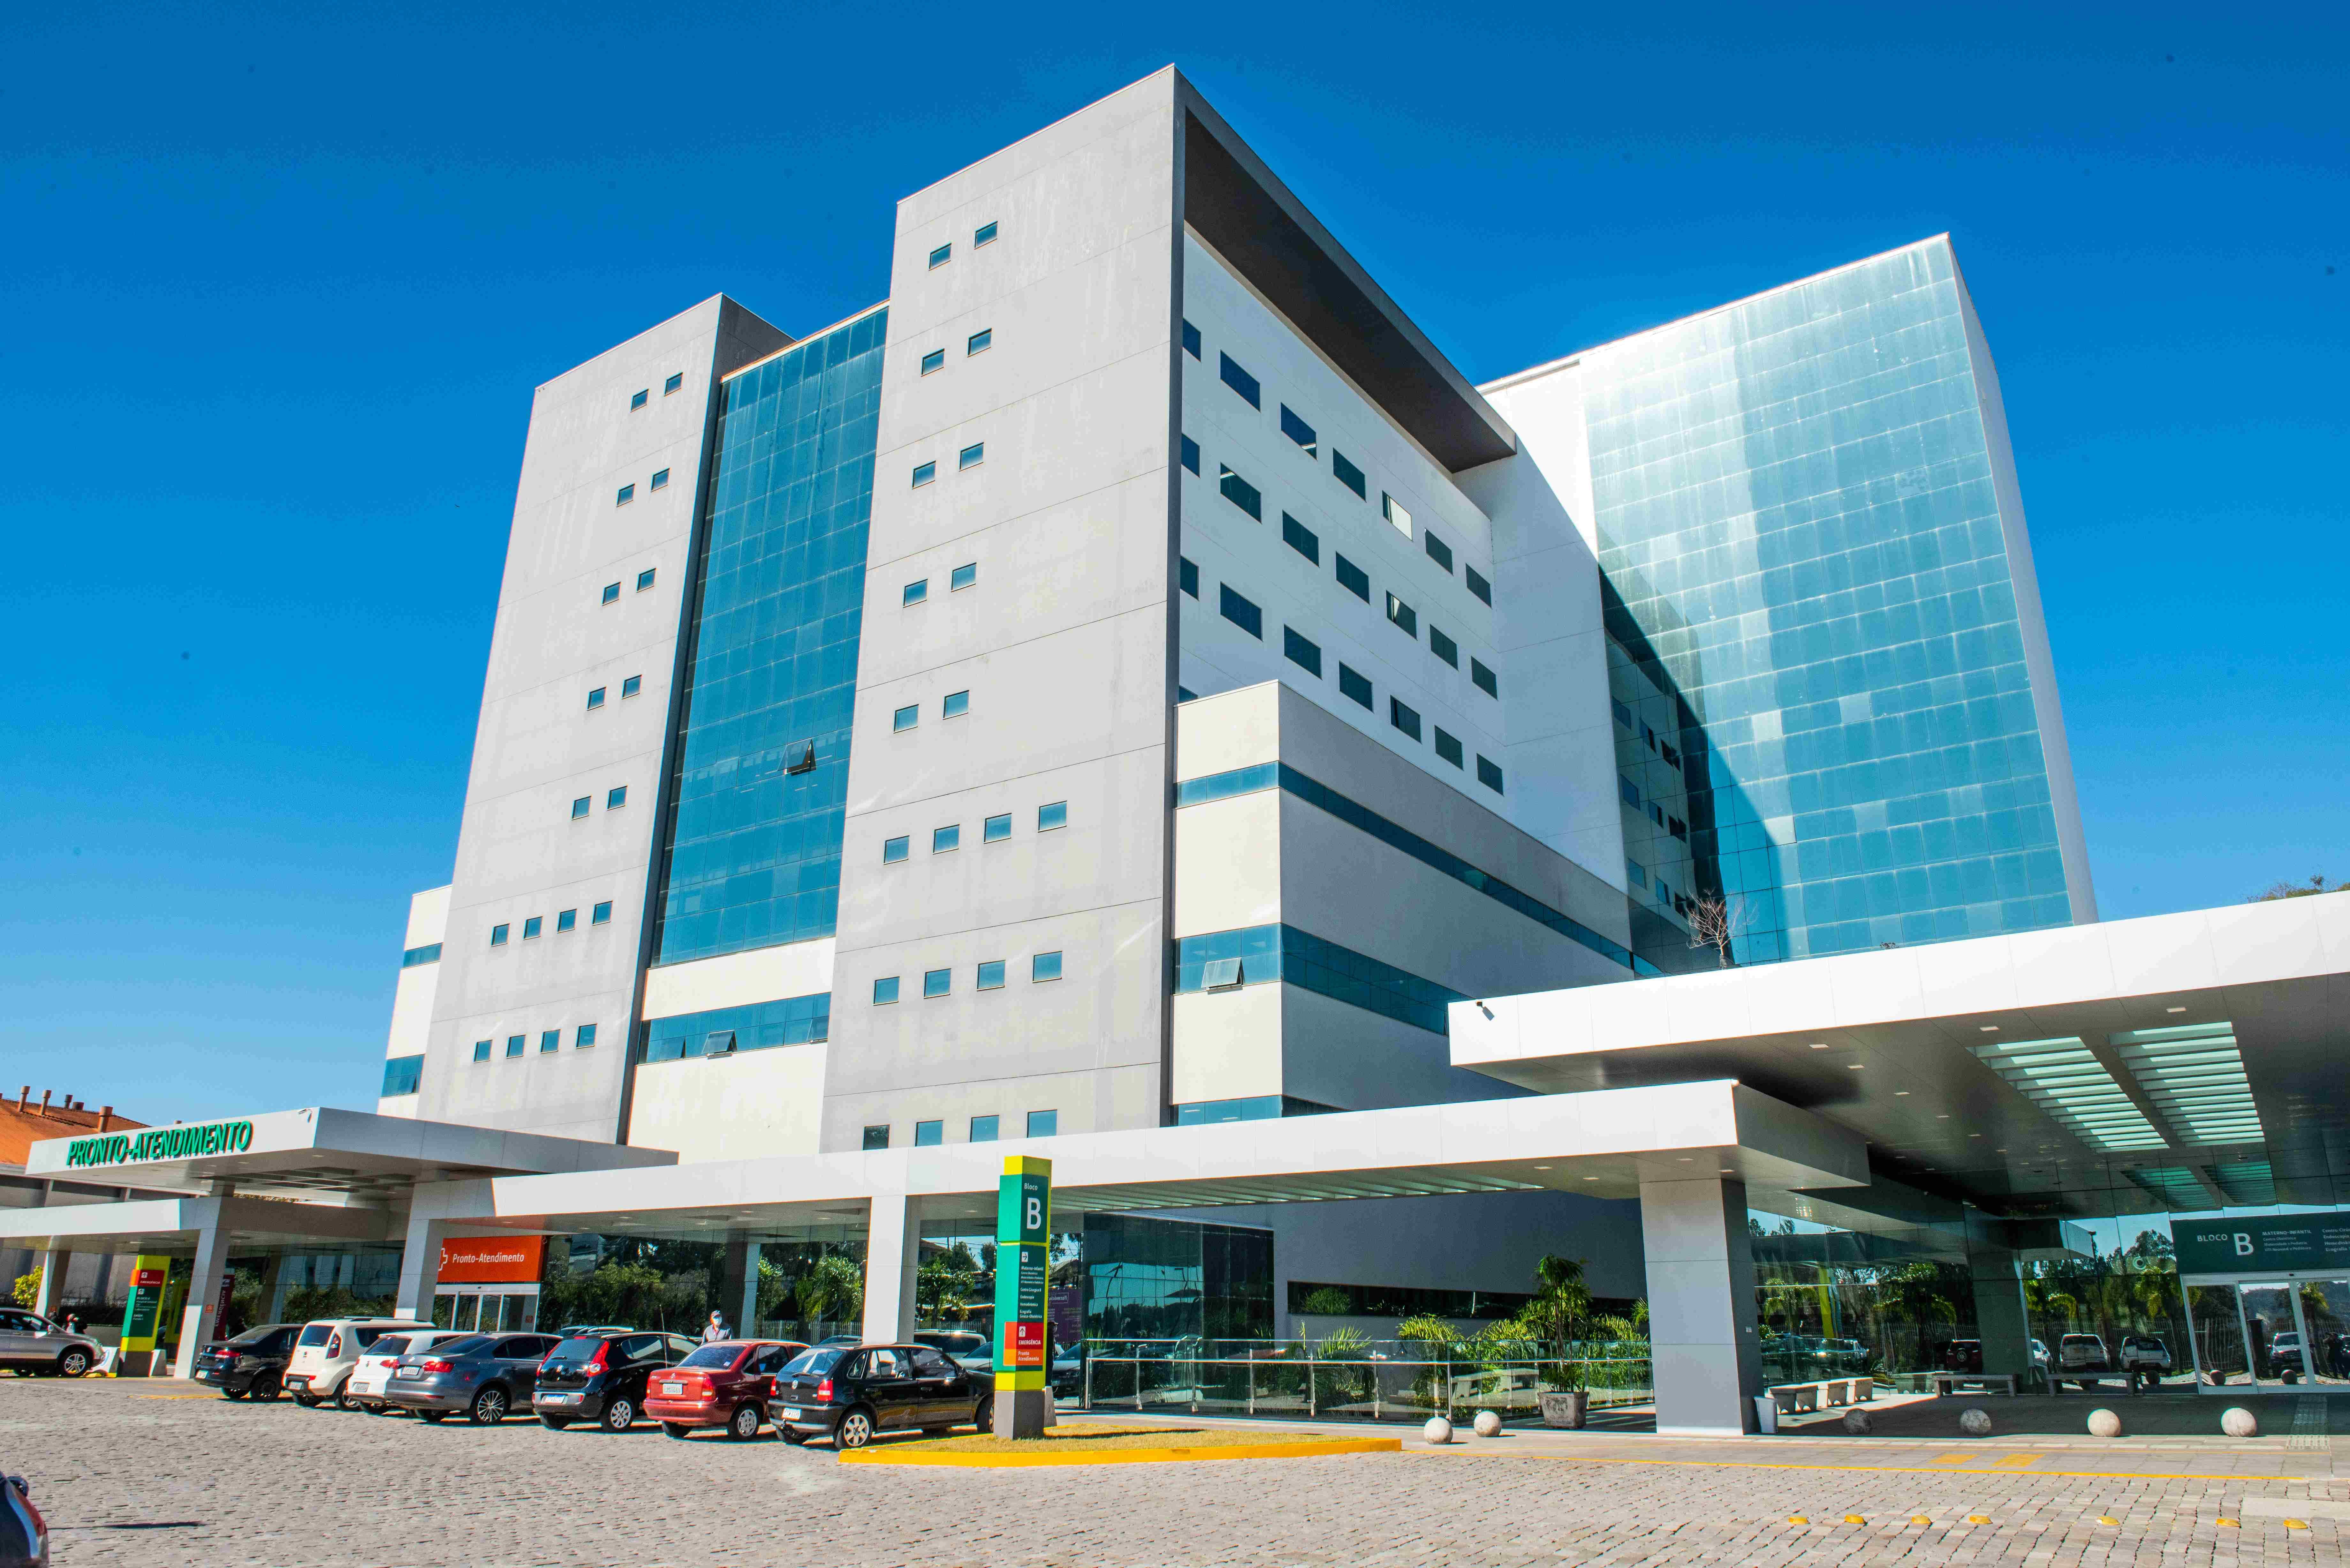 Complexo Hospitalar Unimed Nordeste-RS terá mais 20 leitos de UTI e outros 38 de internação clínica